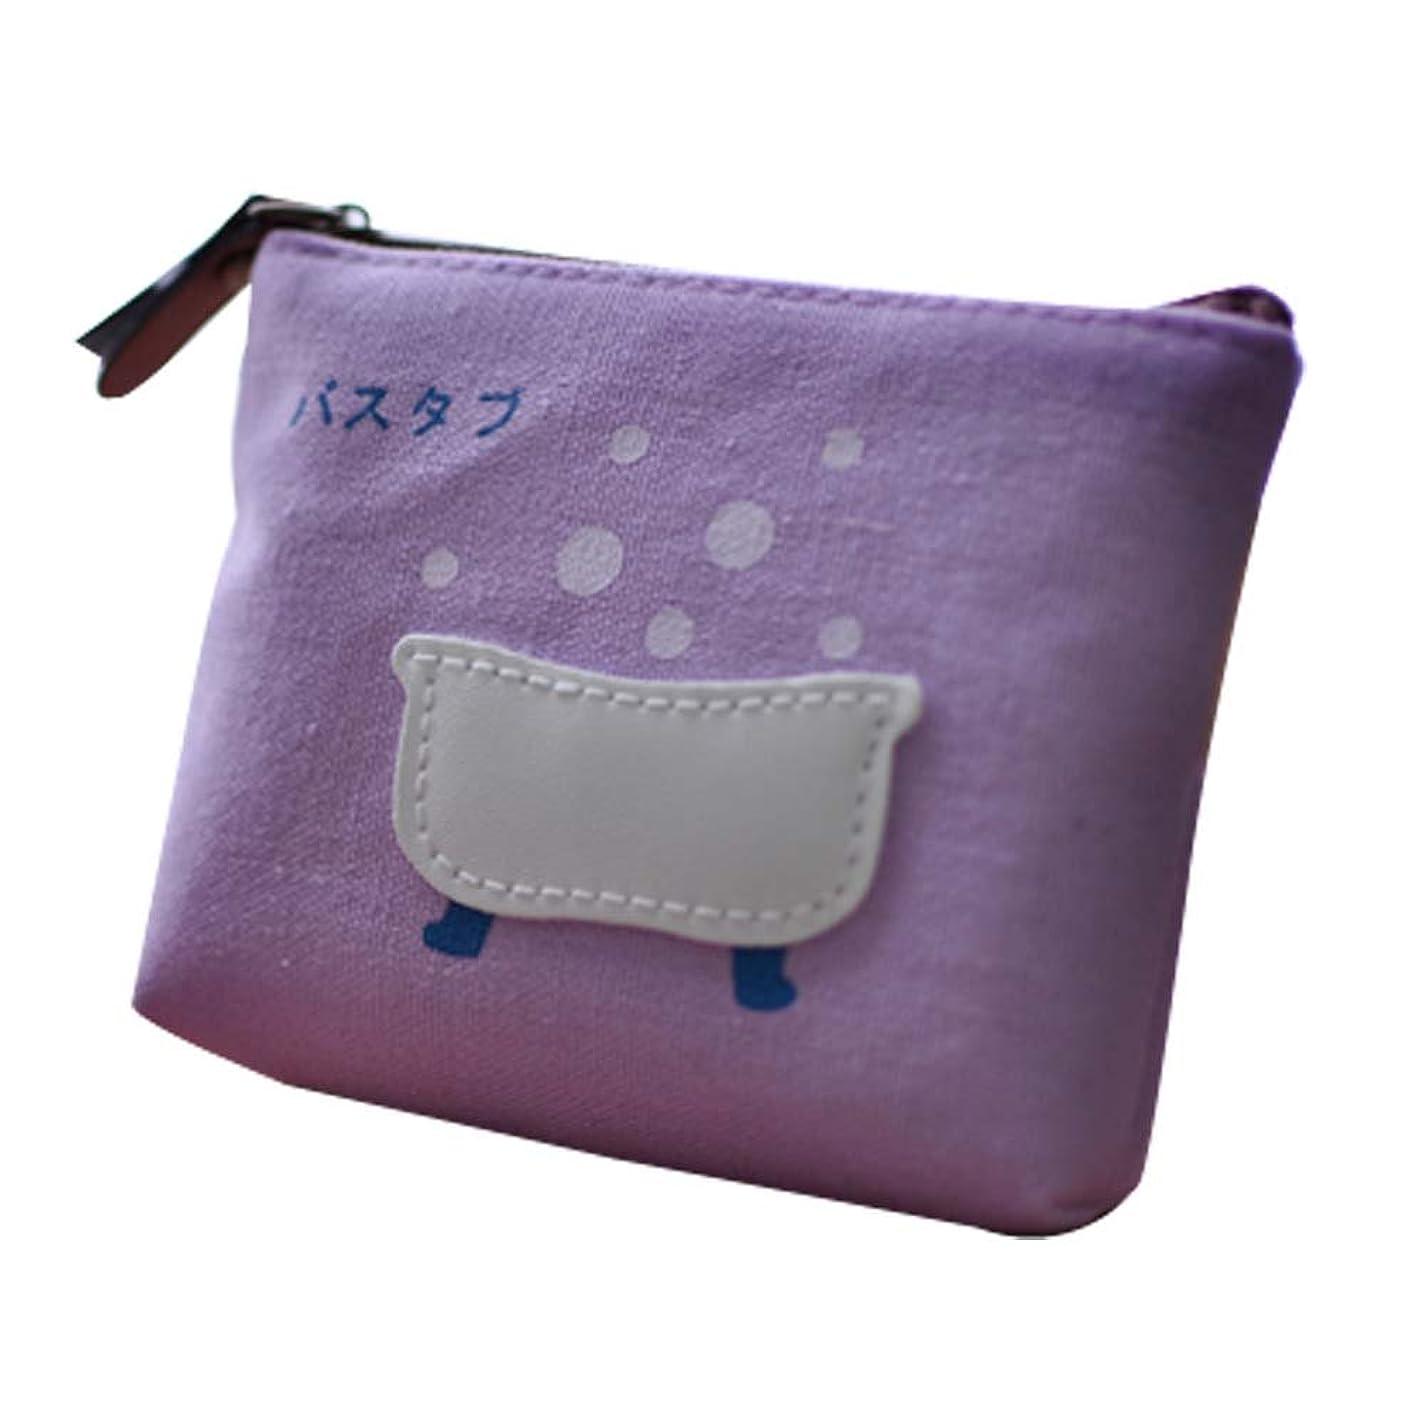 規制する意気消沈したにもかかわらずパターン小さいサイズコインバッグ財布耐久性に優れたリネン11.5 * 9 * 3.5cm小銭入れパウチ